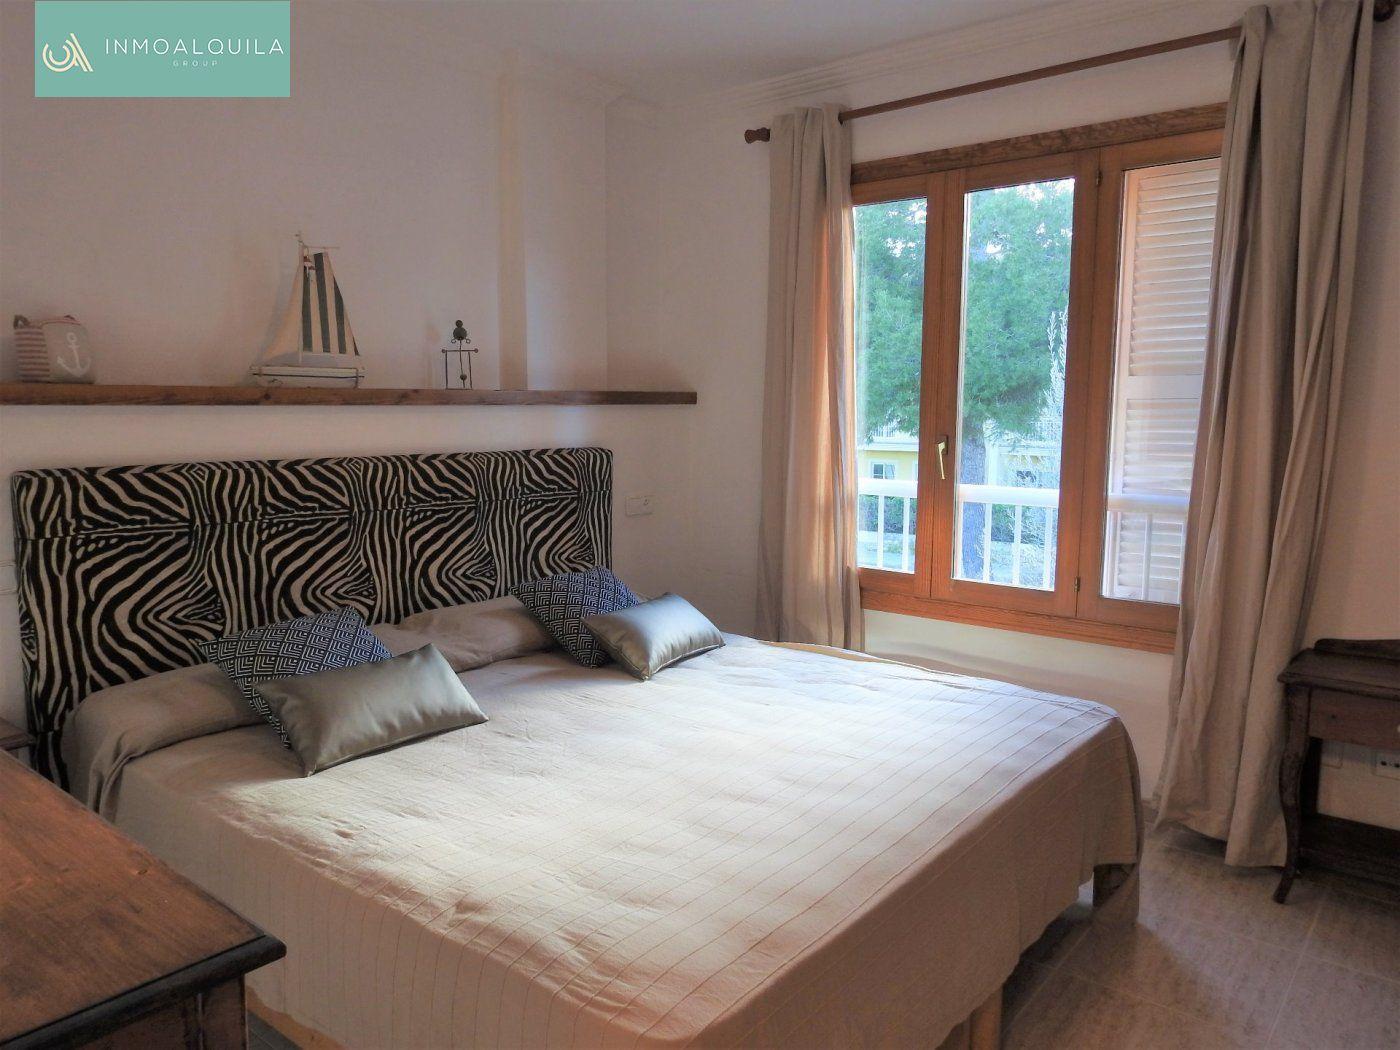 Alquiler Casa  Can picafort ,santa eulalia. Espectacular adosado en can picafort. 90m2, 3hab, 3baños, jardin